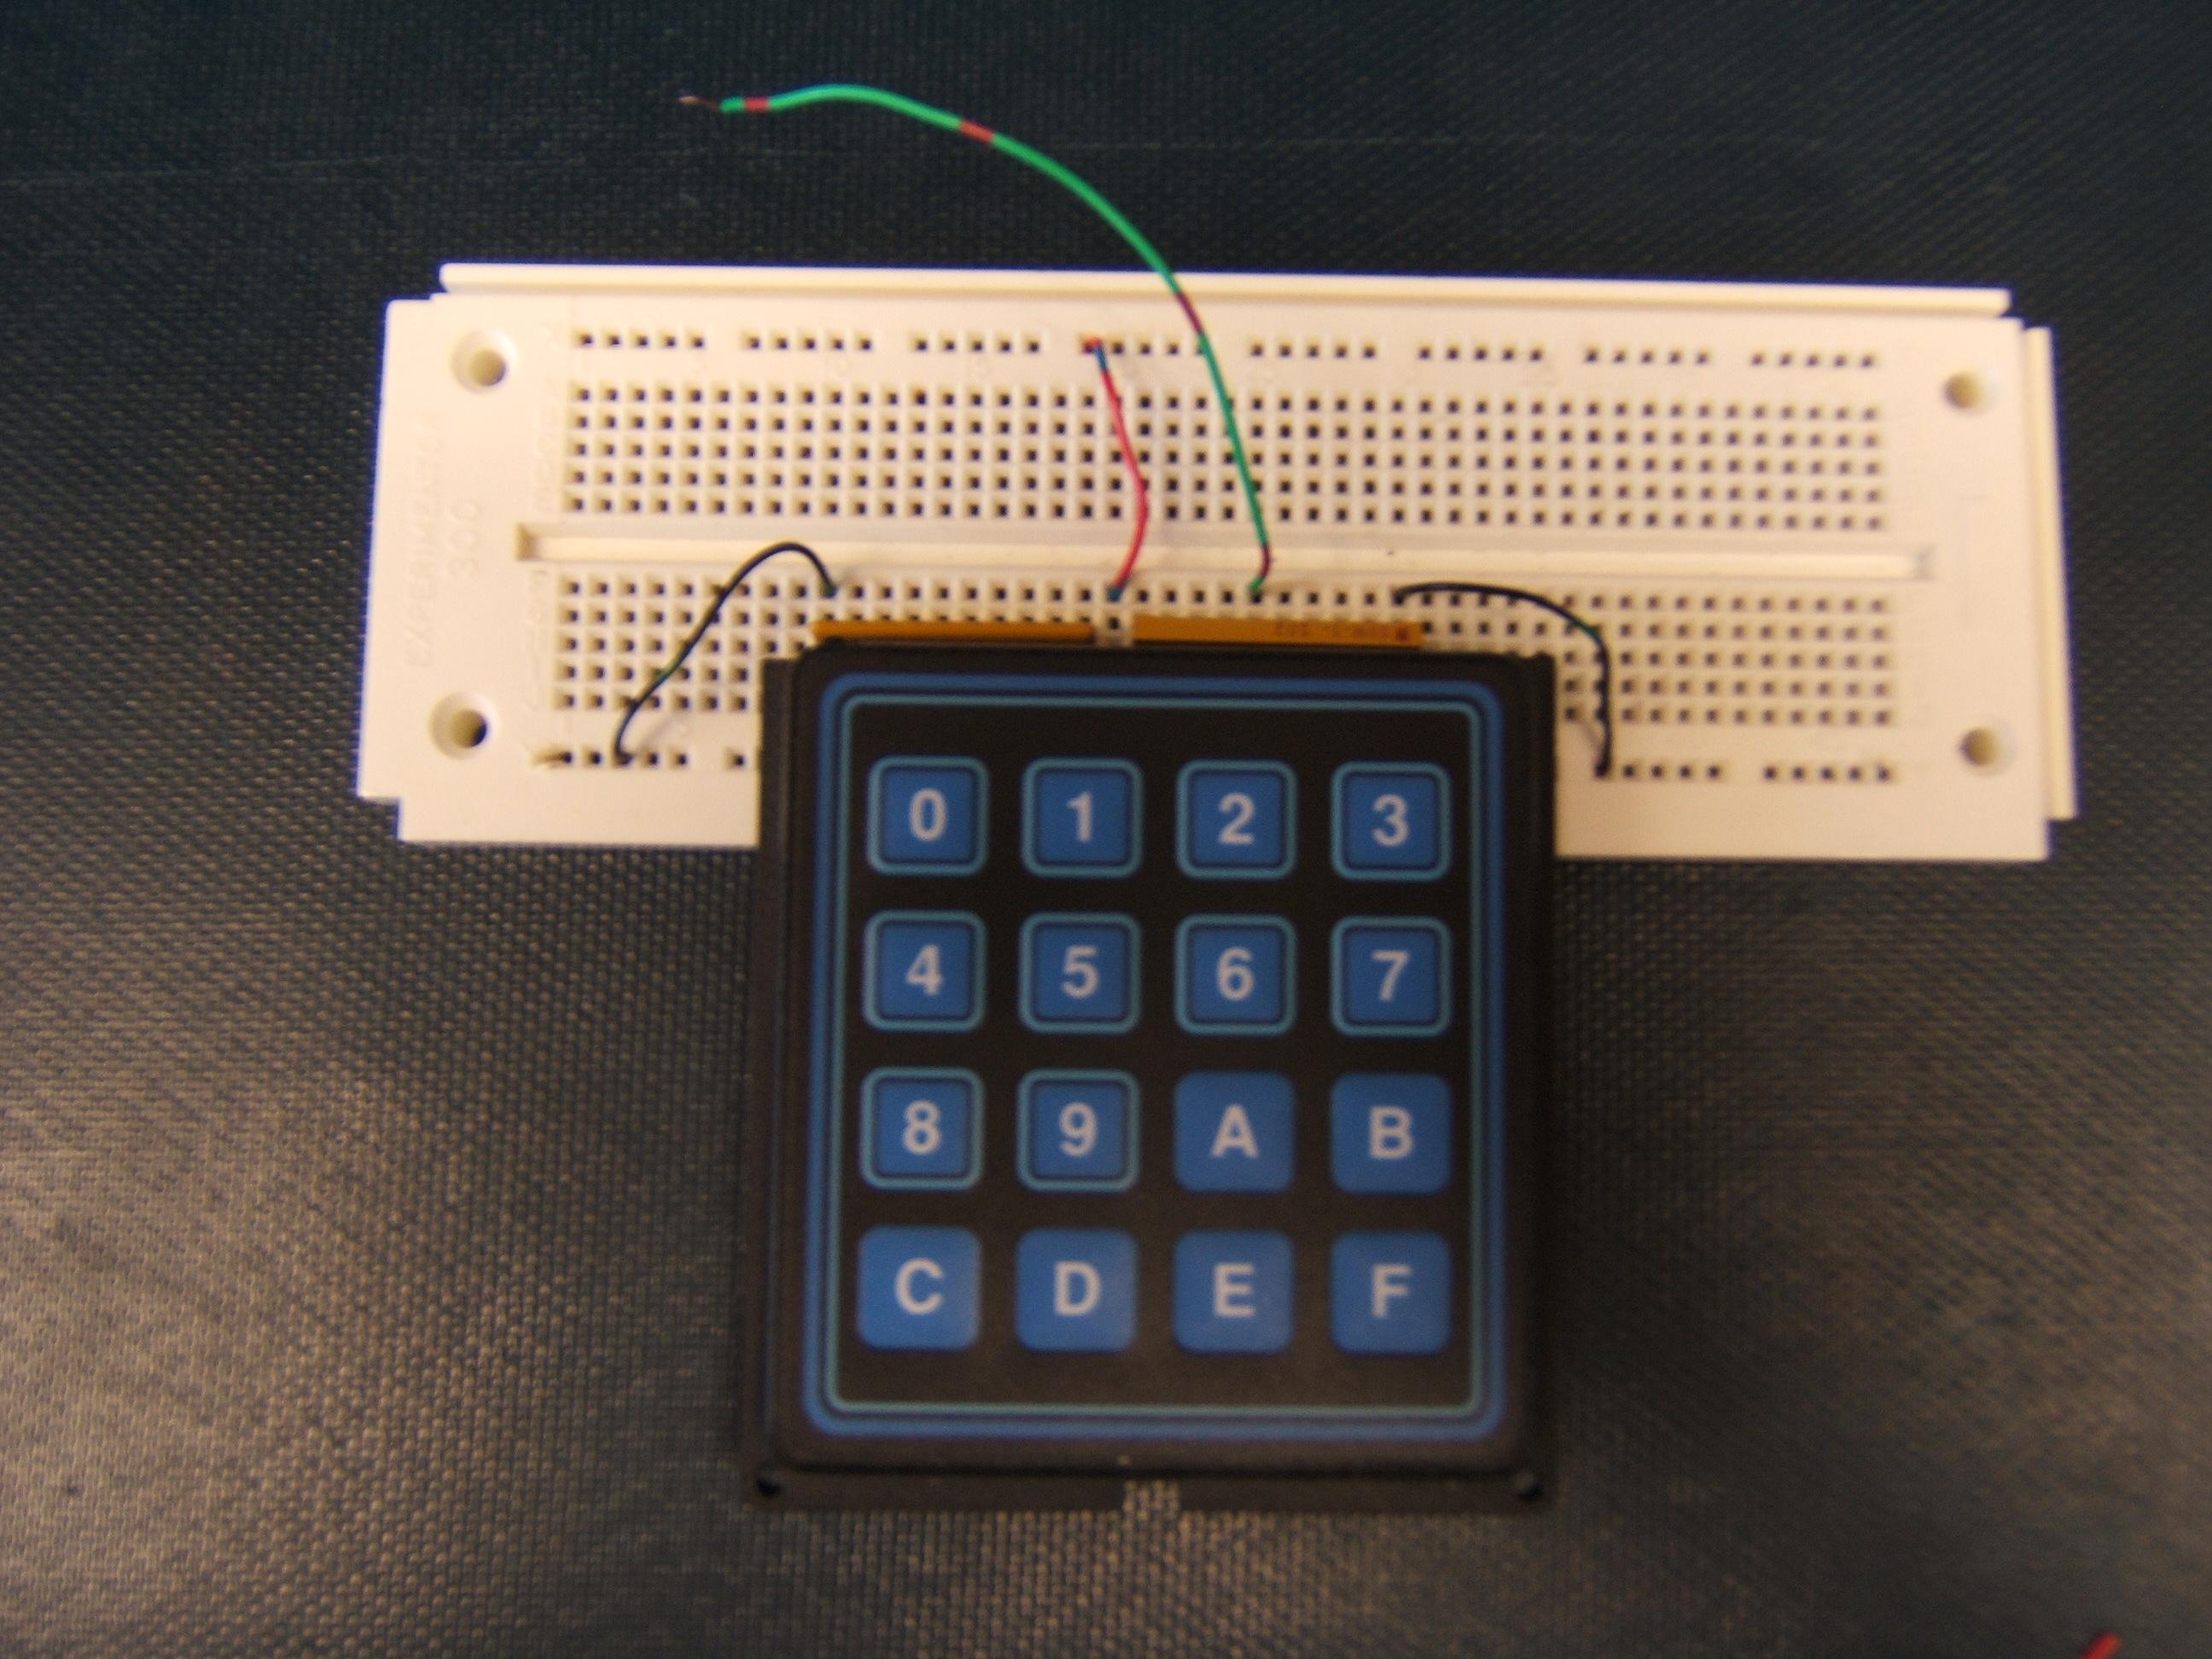 Hexadecimal Keypads